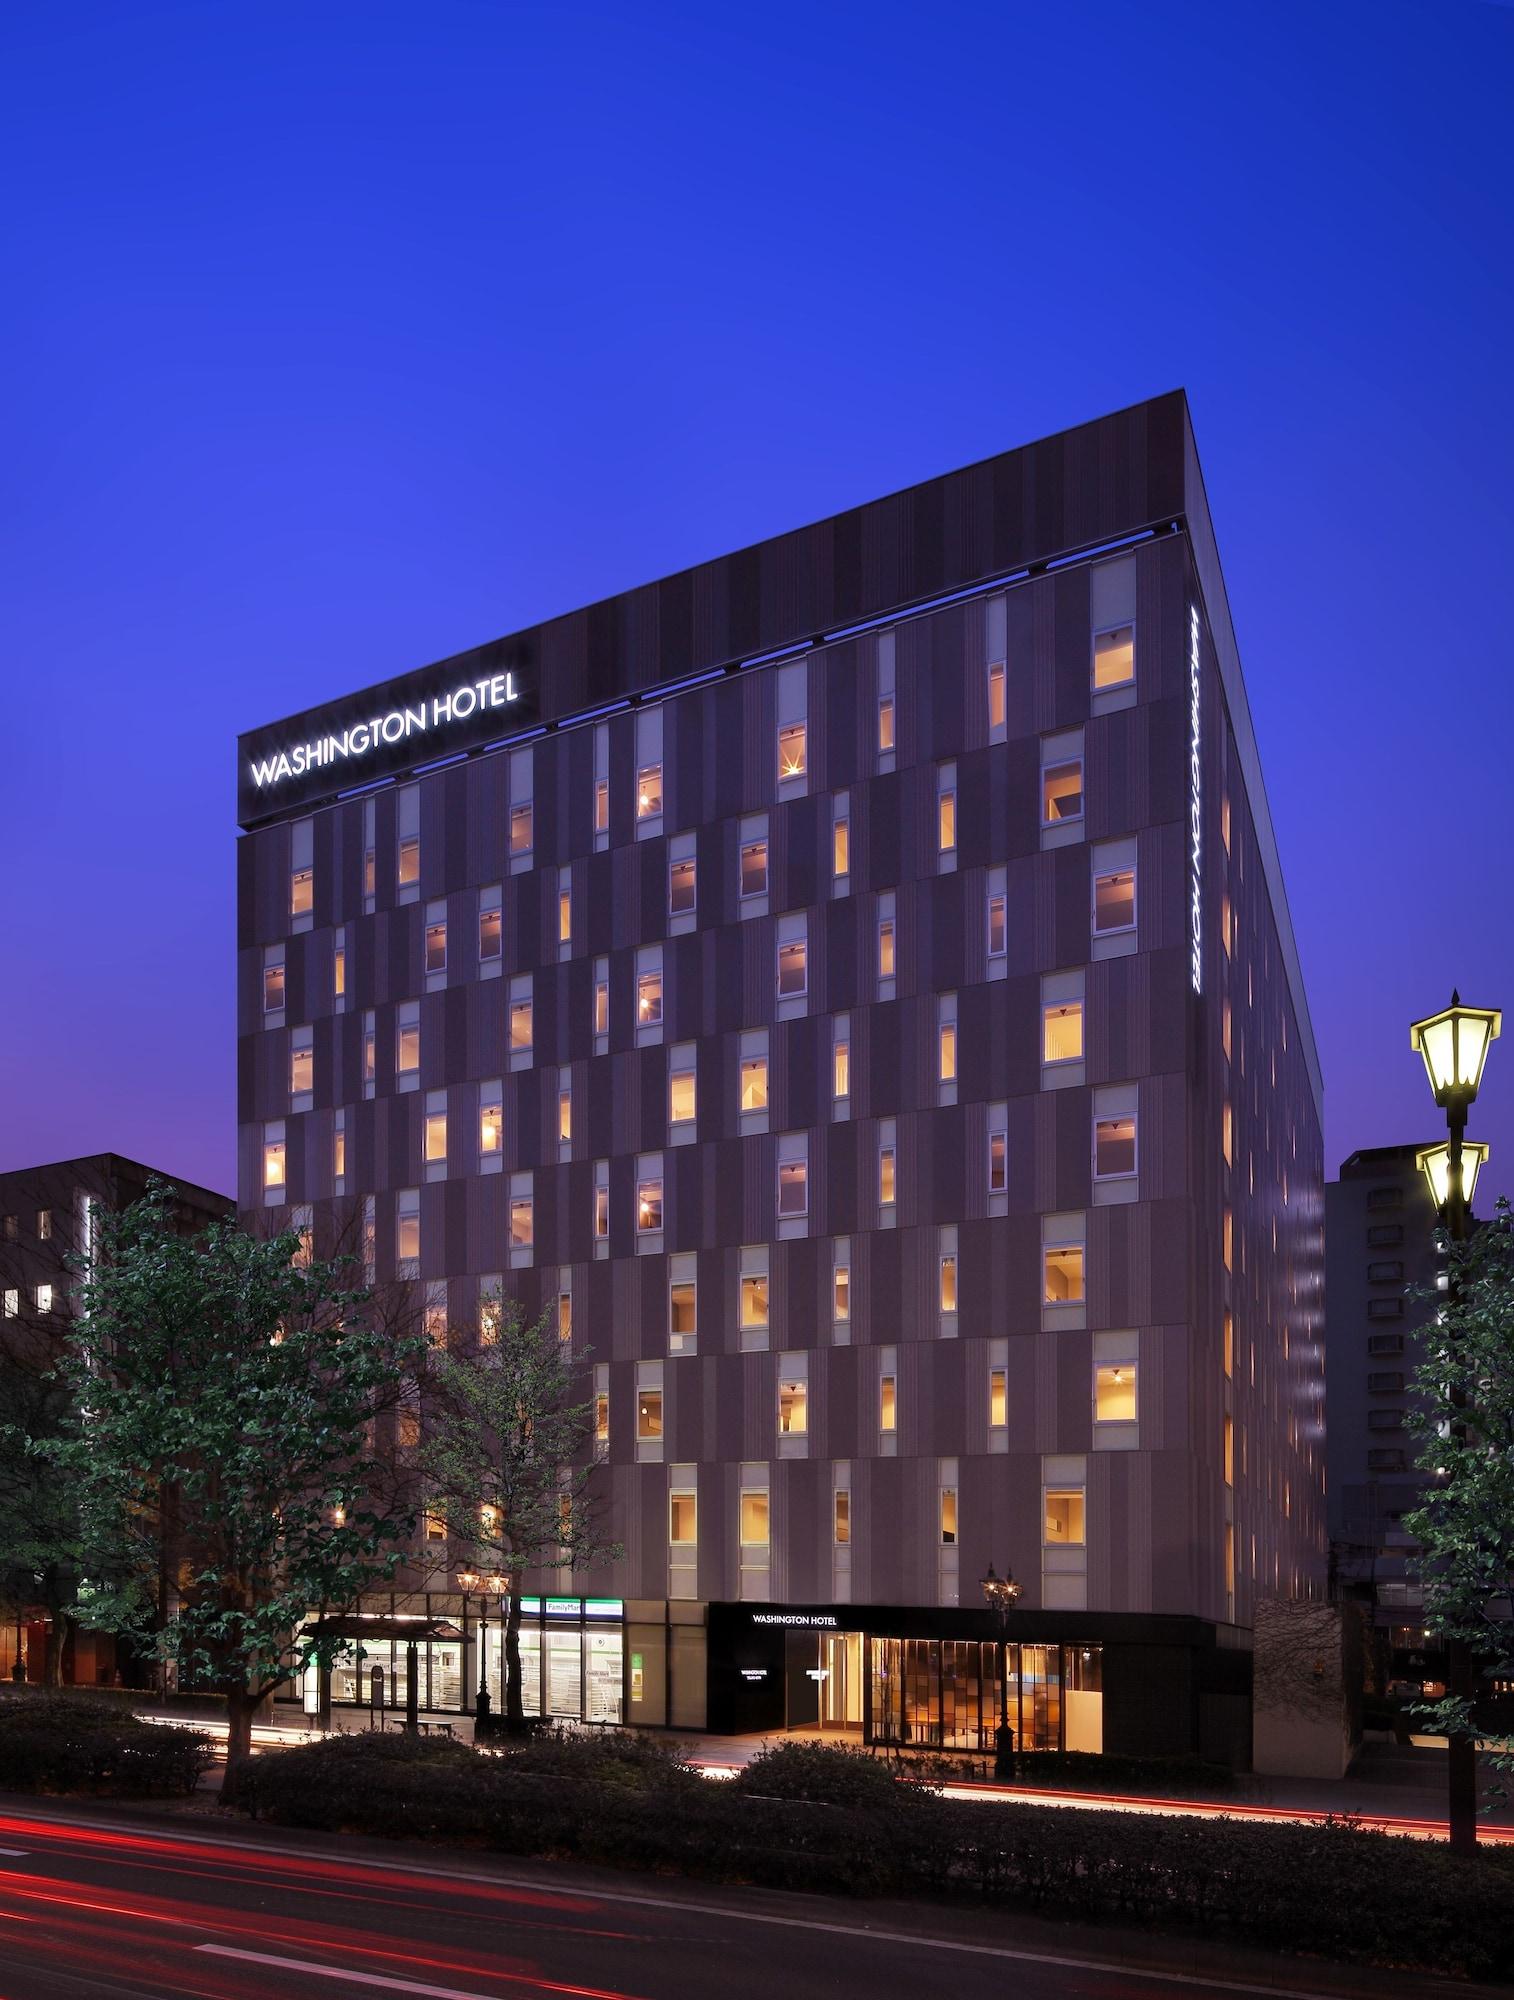 Sendai Washington Hotel, Sendai